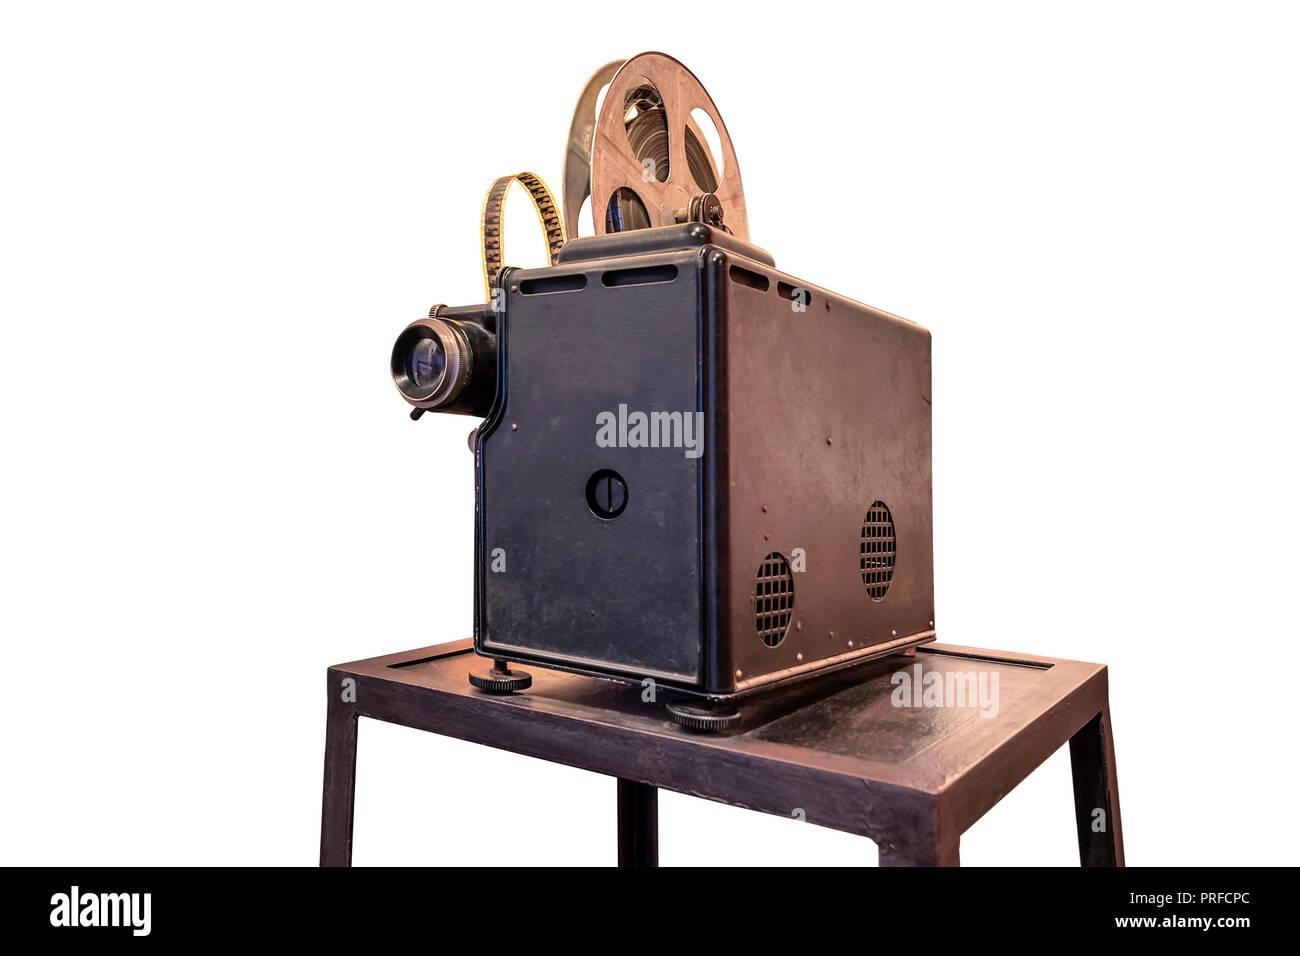 1940 Movies Stock Photos & 1940 Movies Stock Images - Alamy